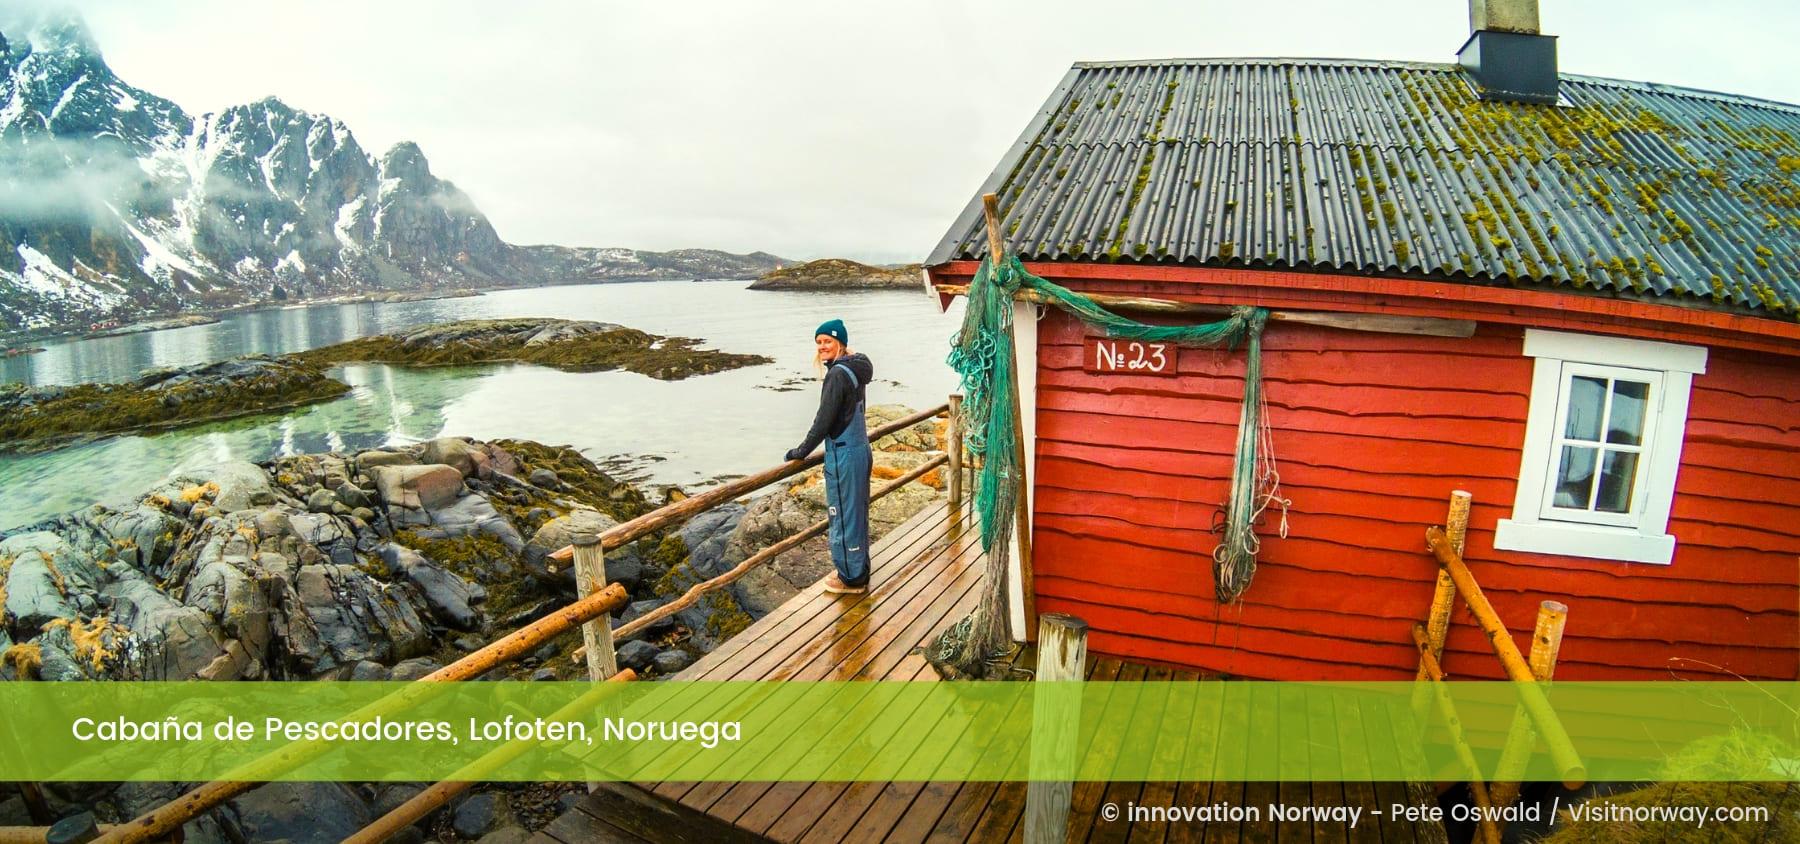 Cabaña de Pescadores, Lofoten, Noruega